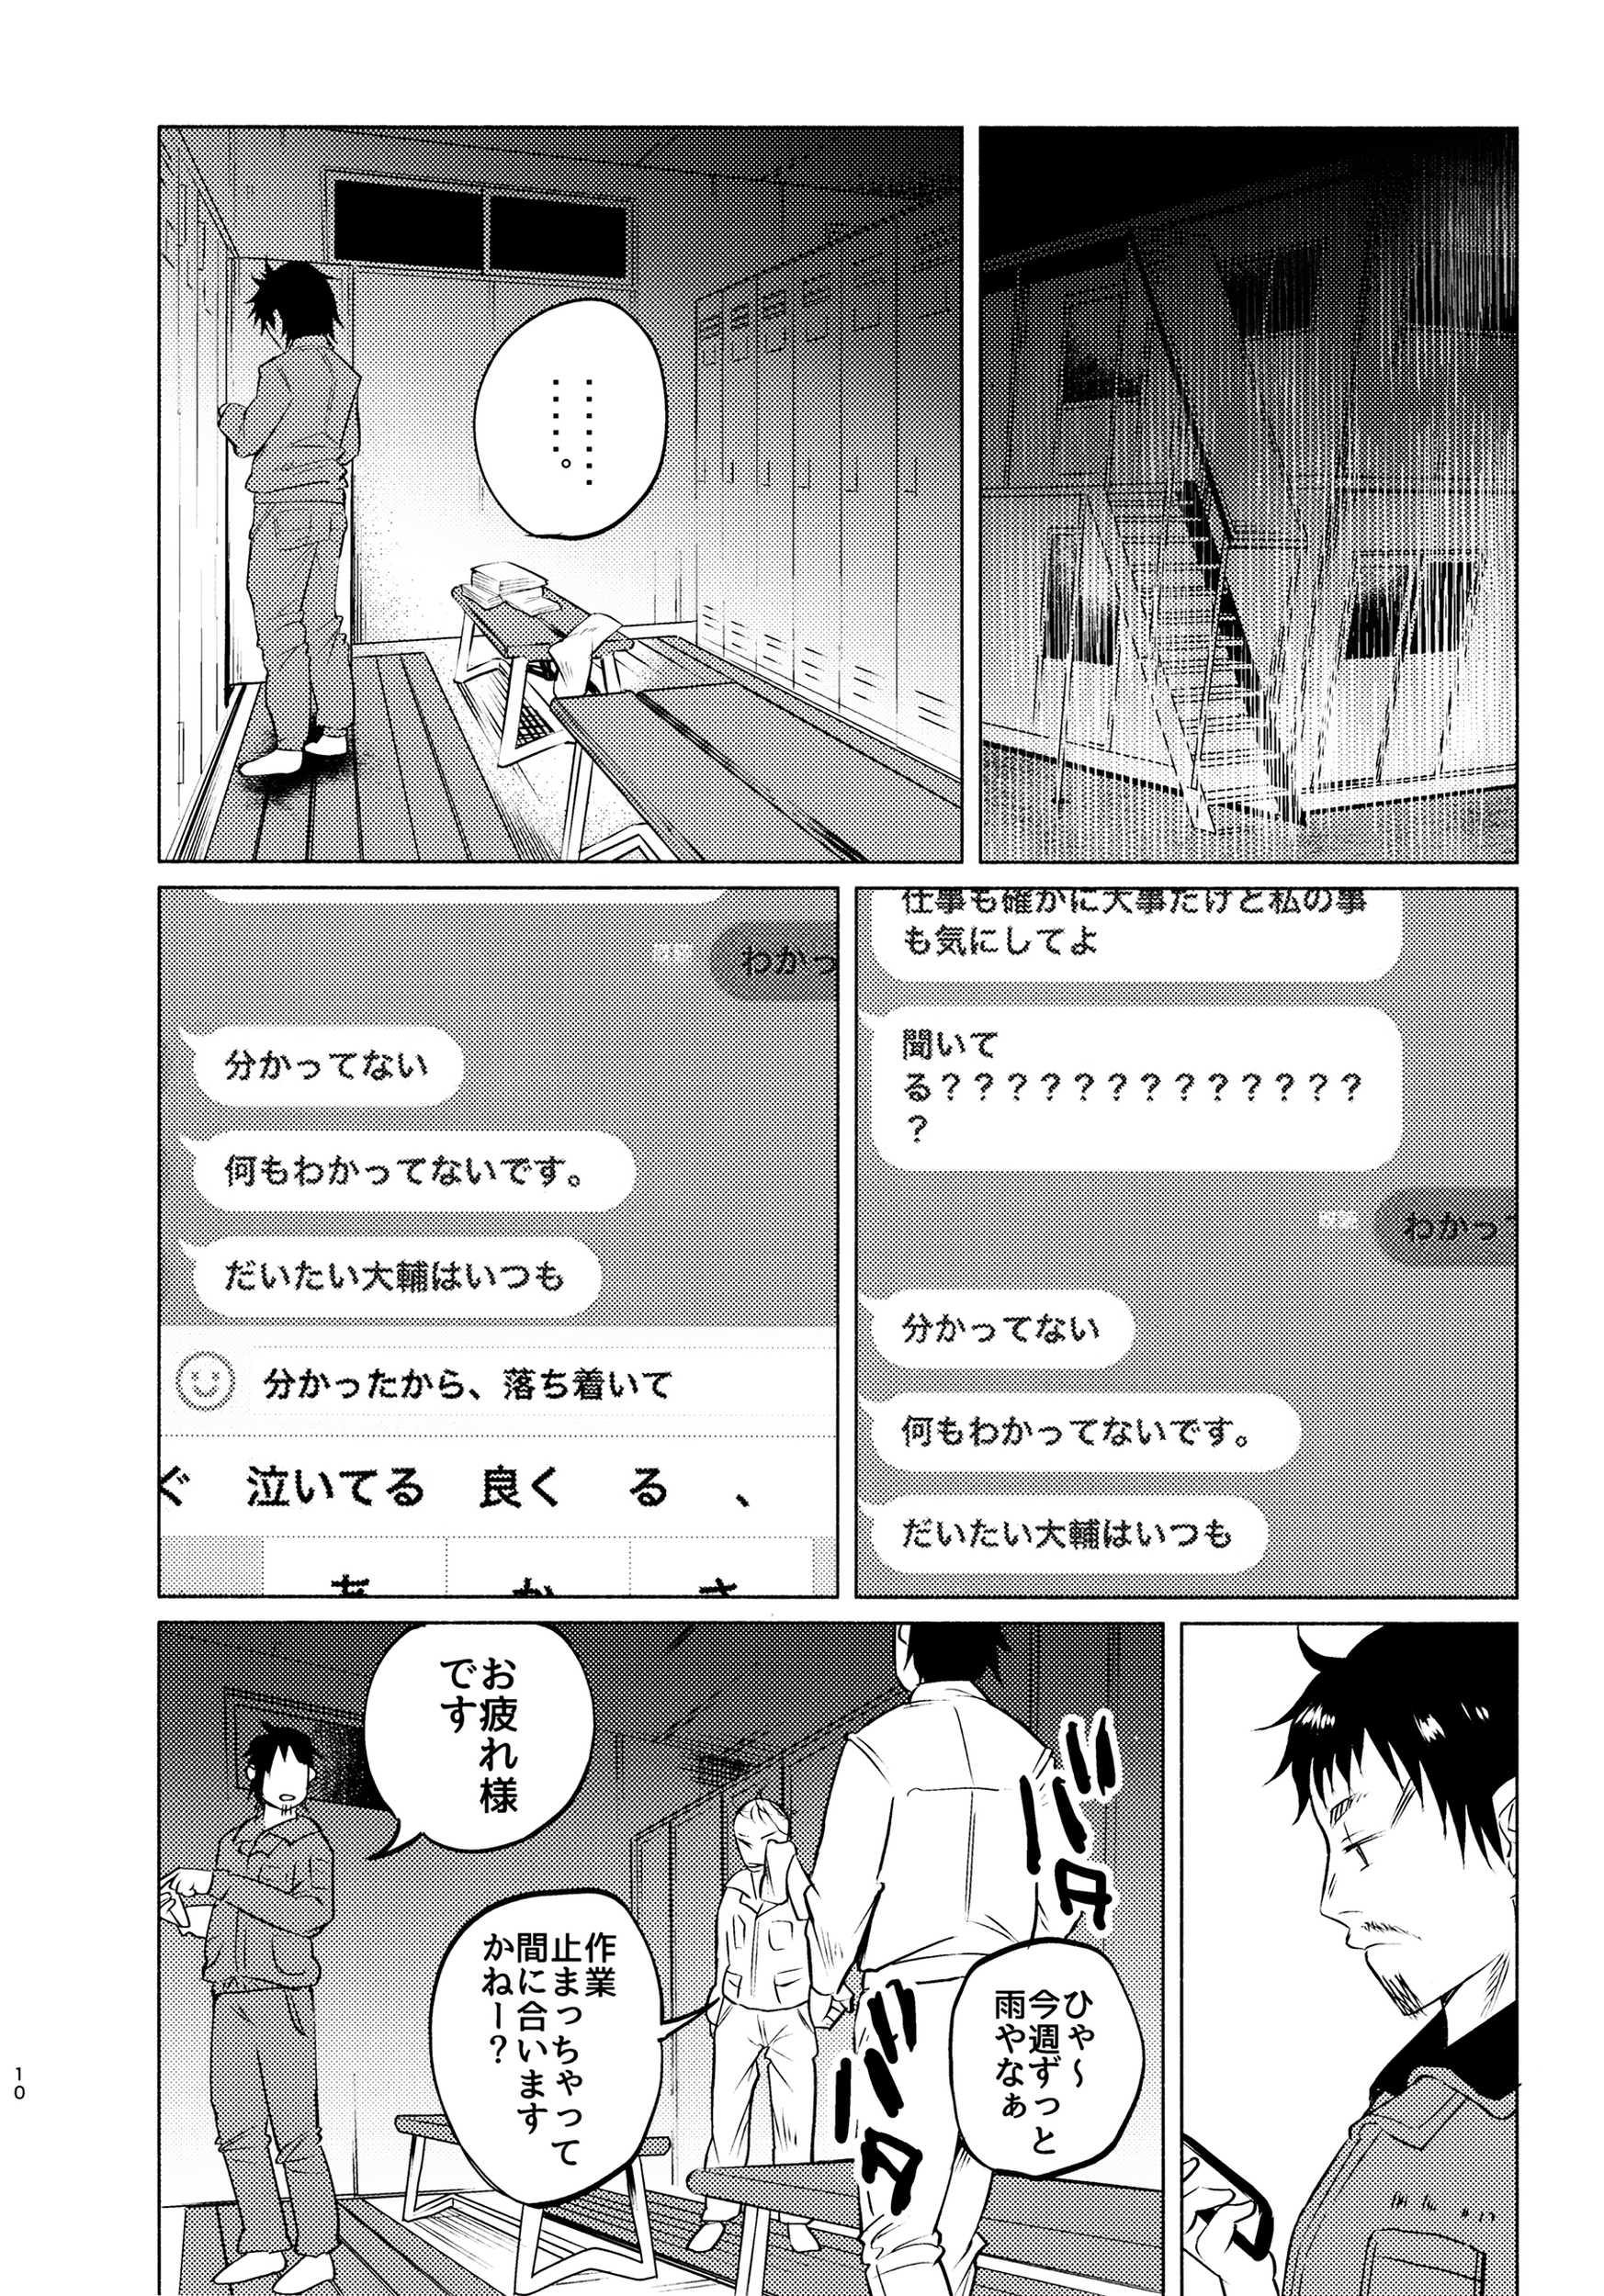 【エロ漫画】ウブな田舎娘に手を出したらヤンデレ化して逆レイプされるww【無料 エロ同人誌】 (9)